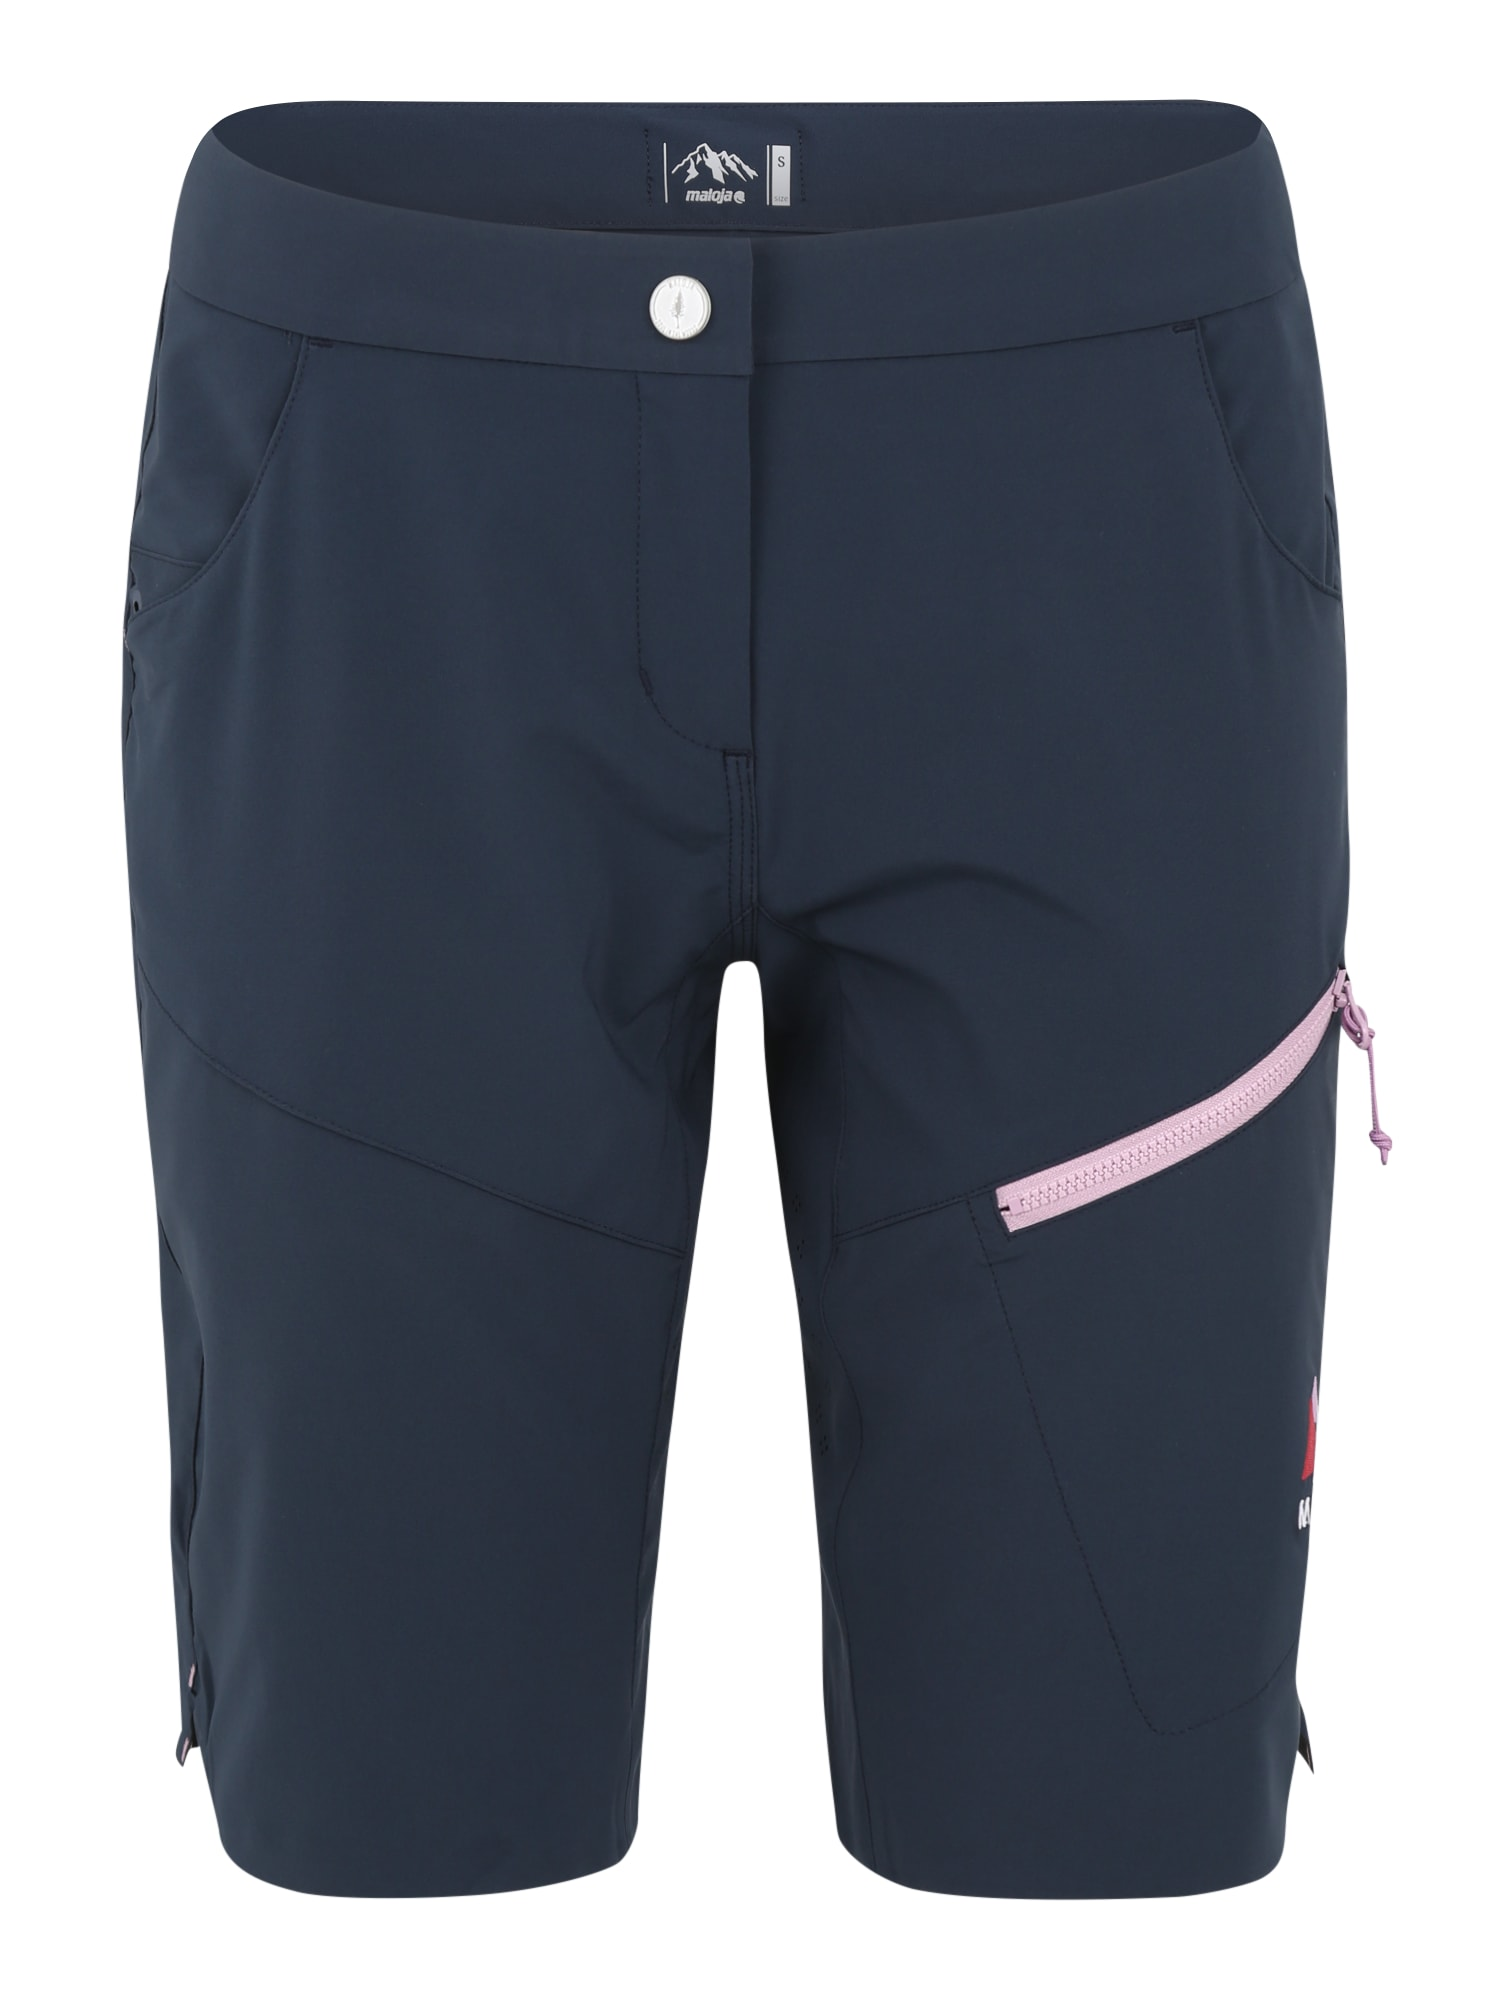 Sportovní kalhoty RoschiaM. tmavě modrá Maloja